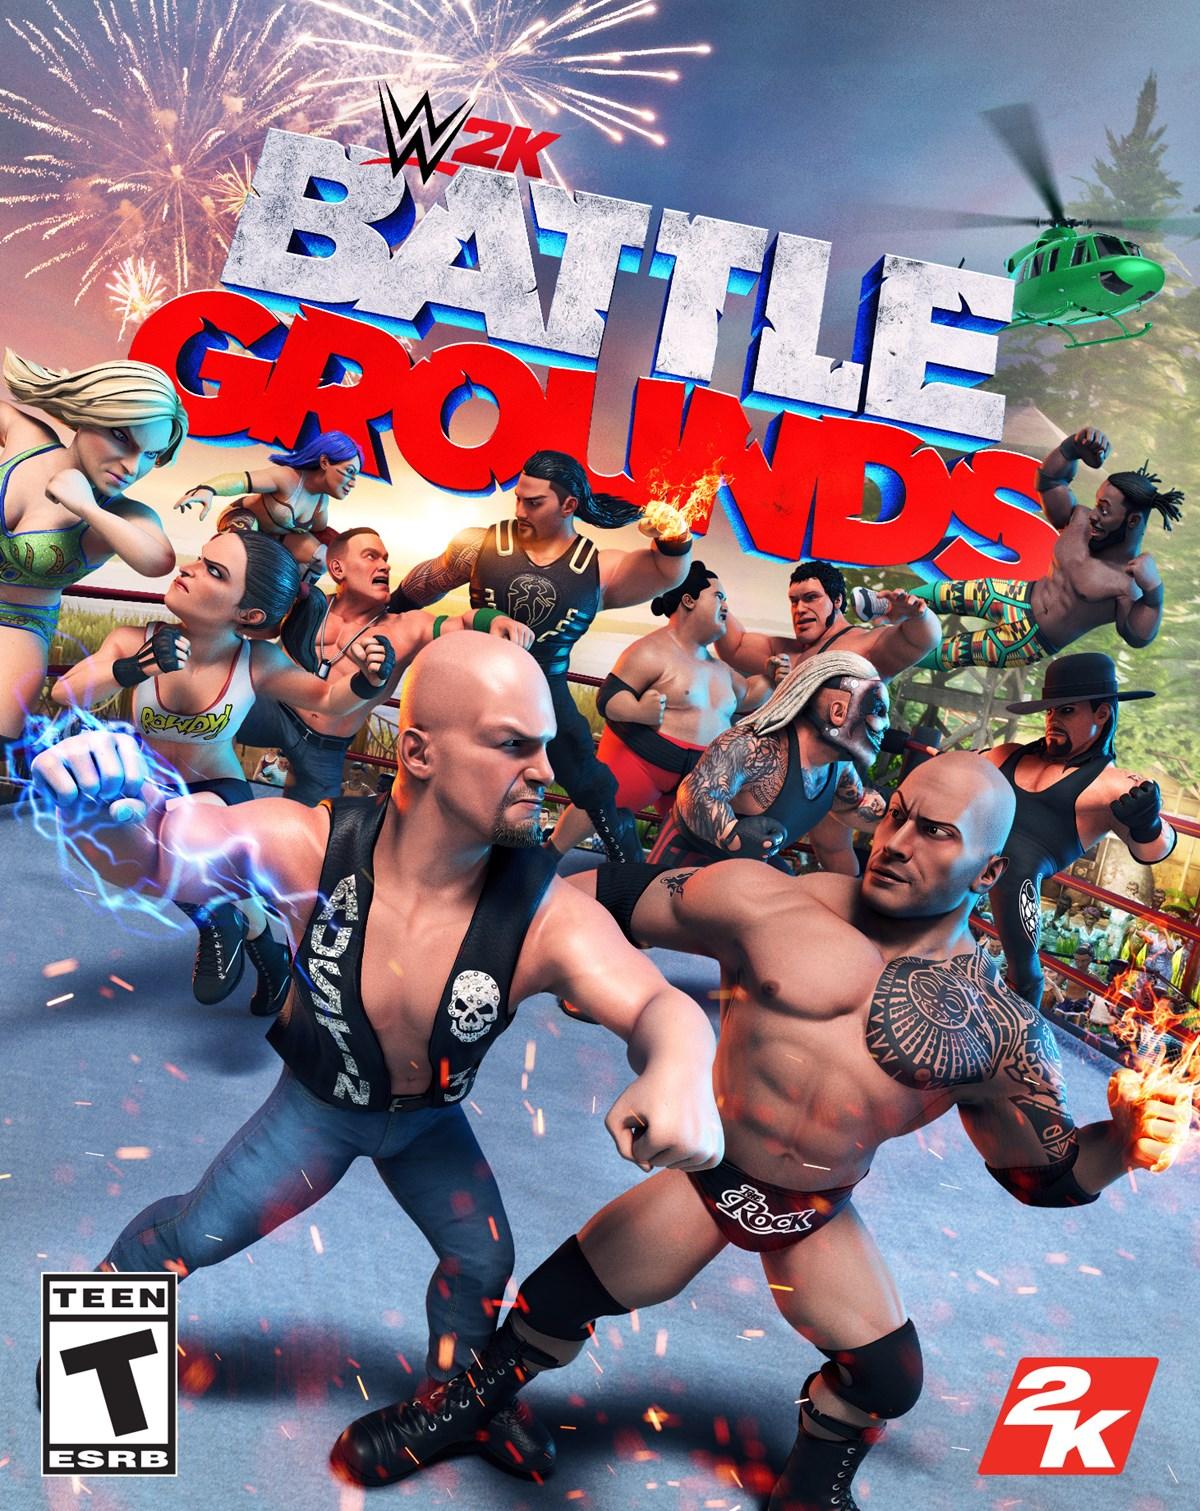 WWE2K BG ST AGN FOB (ESRB)